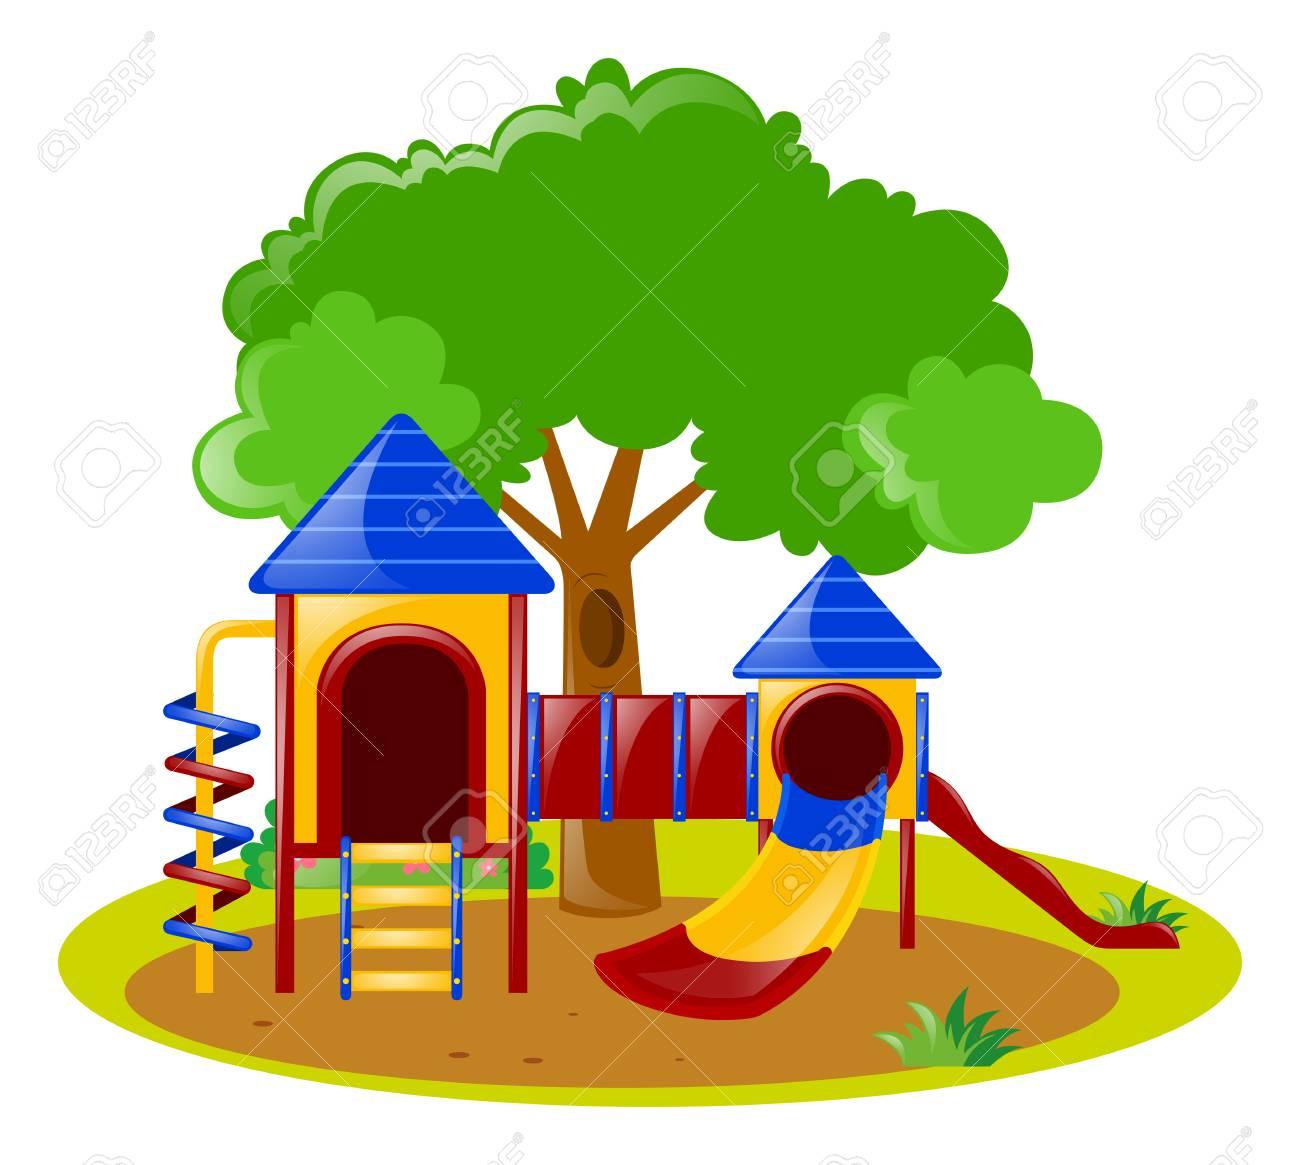 Scene Avec Aire De Jeux Dans Le Parc Illustration Clip Art Libres De Droits Vecteurs Et Illustration Image 64026627